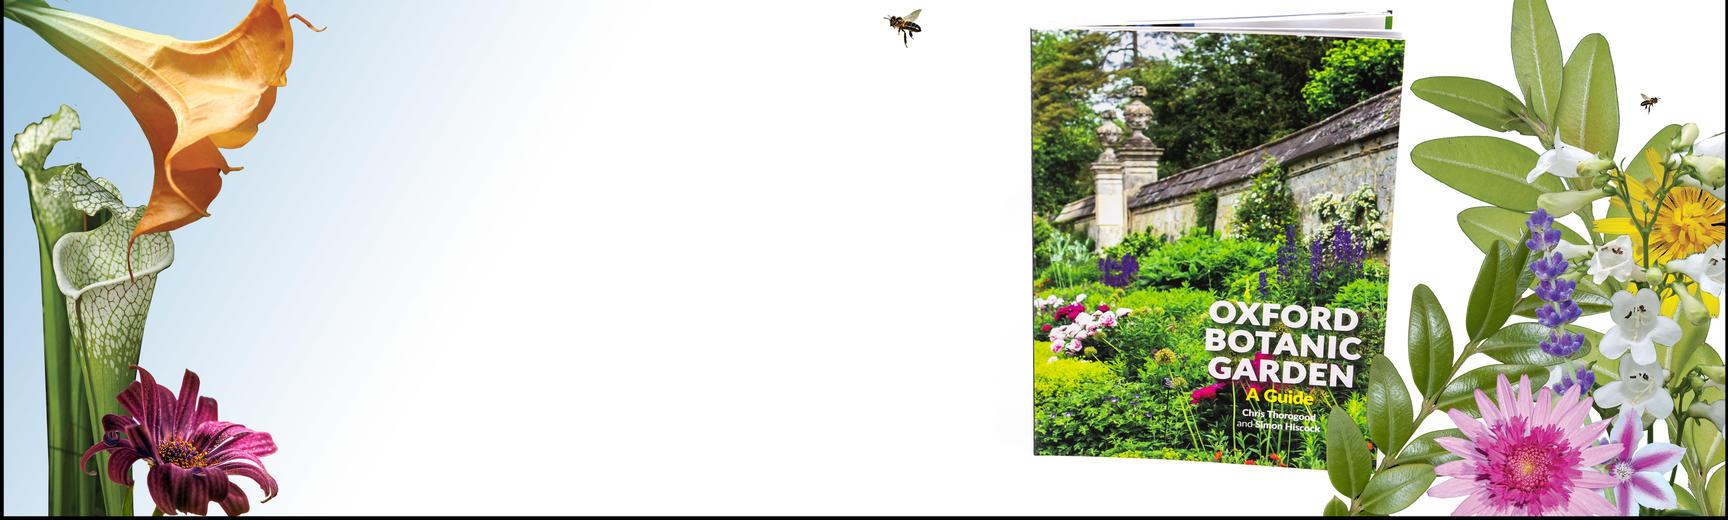 guide book  oxford botanic garden